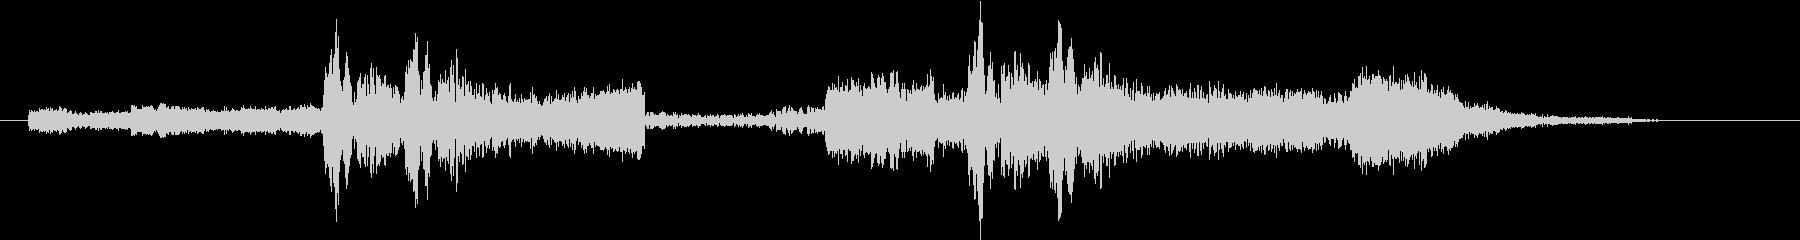 シンセFXと心音のジングル Aパターンの未再生の波形